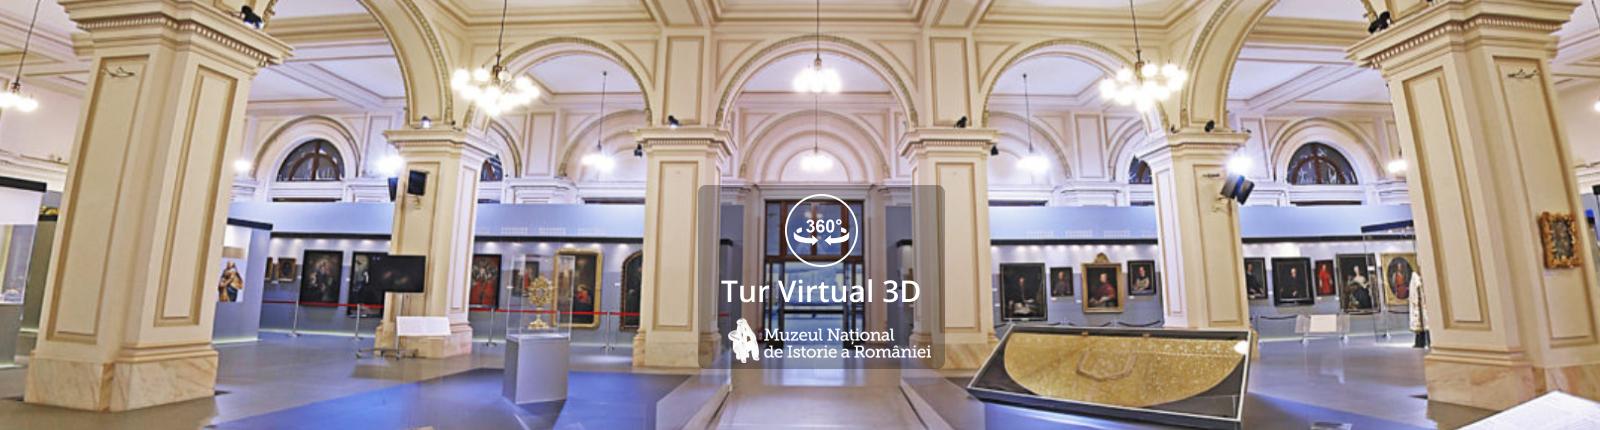 Tur virtual 3D - Muzeul National de Istorie a Romaniei